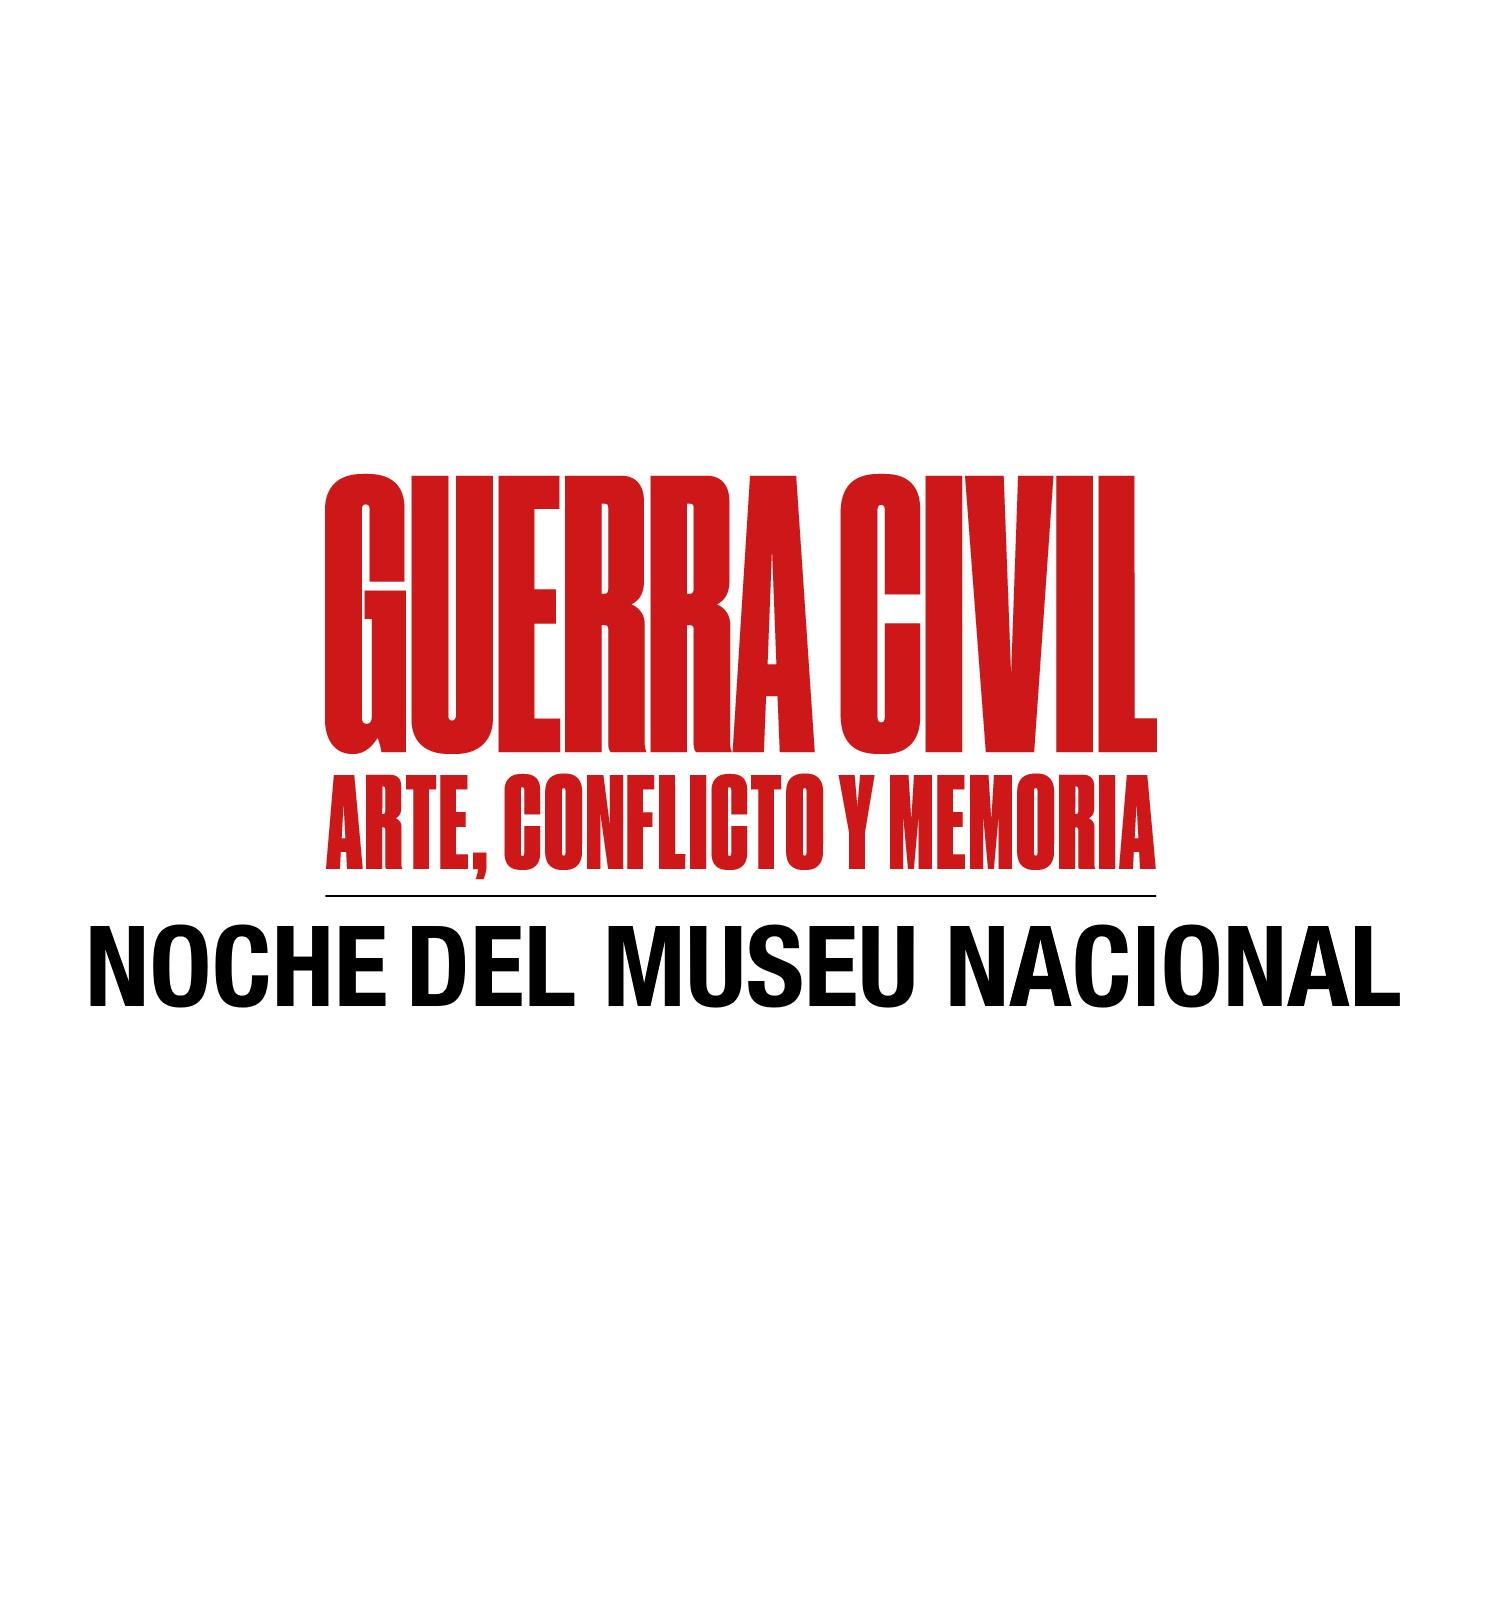 Noche del Museu Nacional 2021